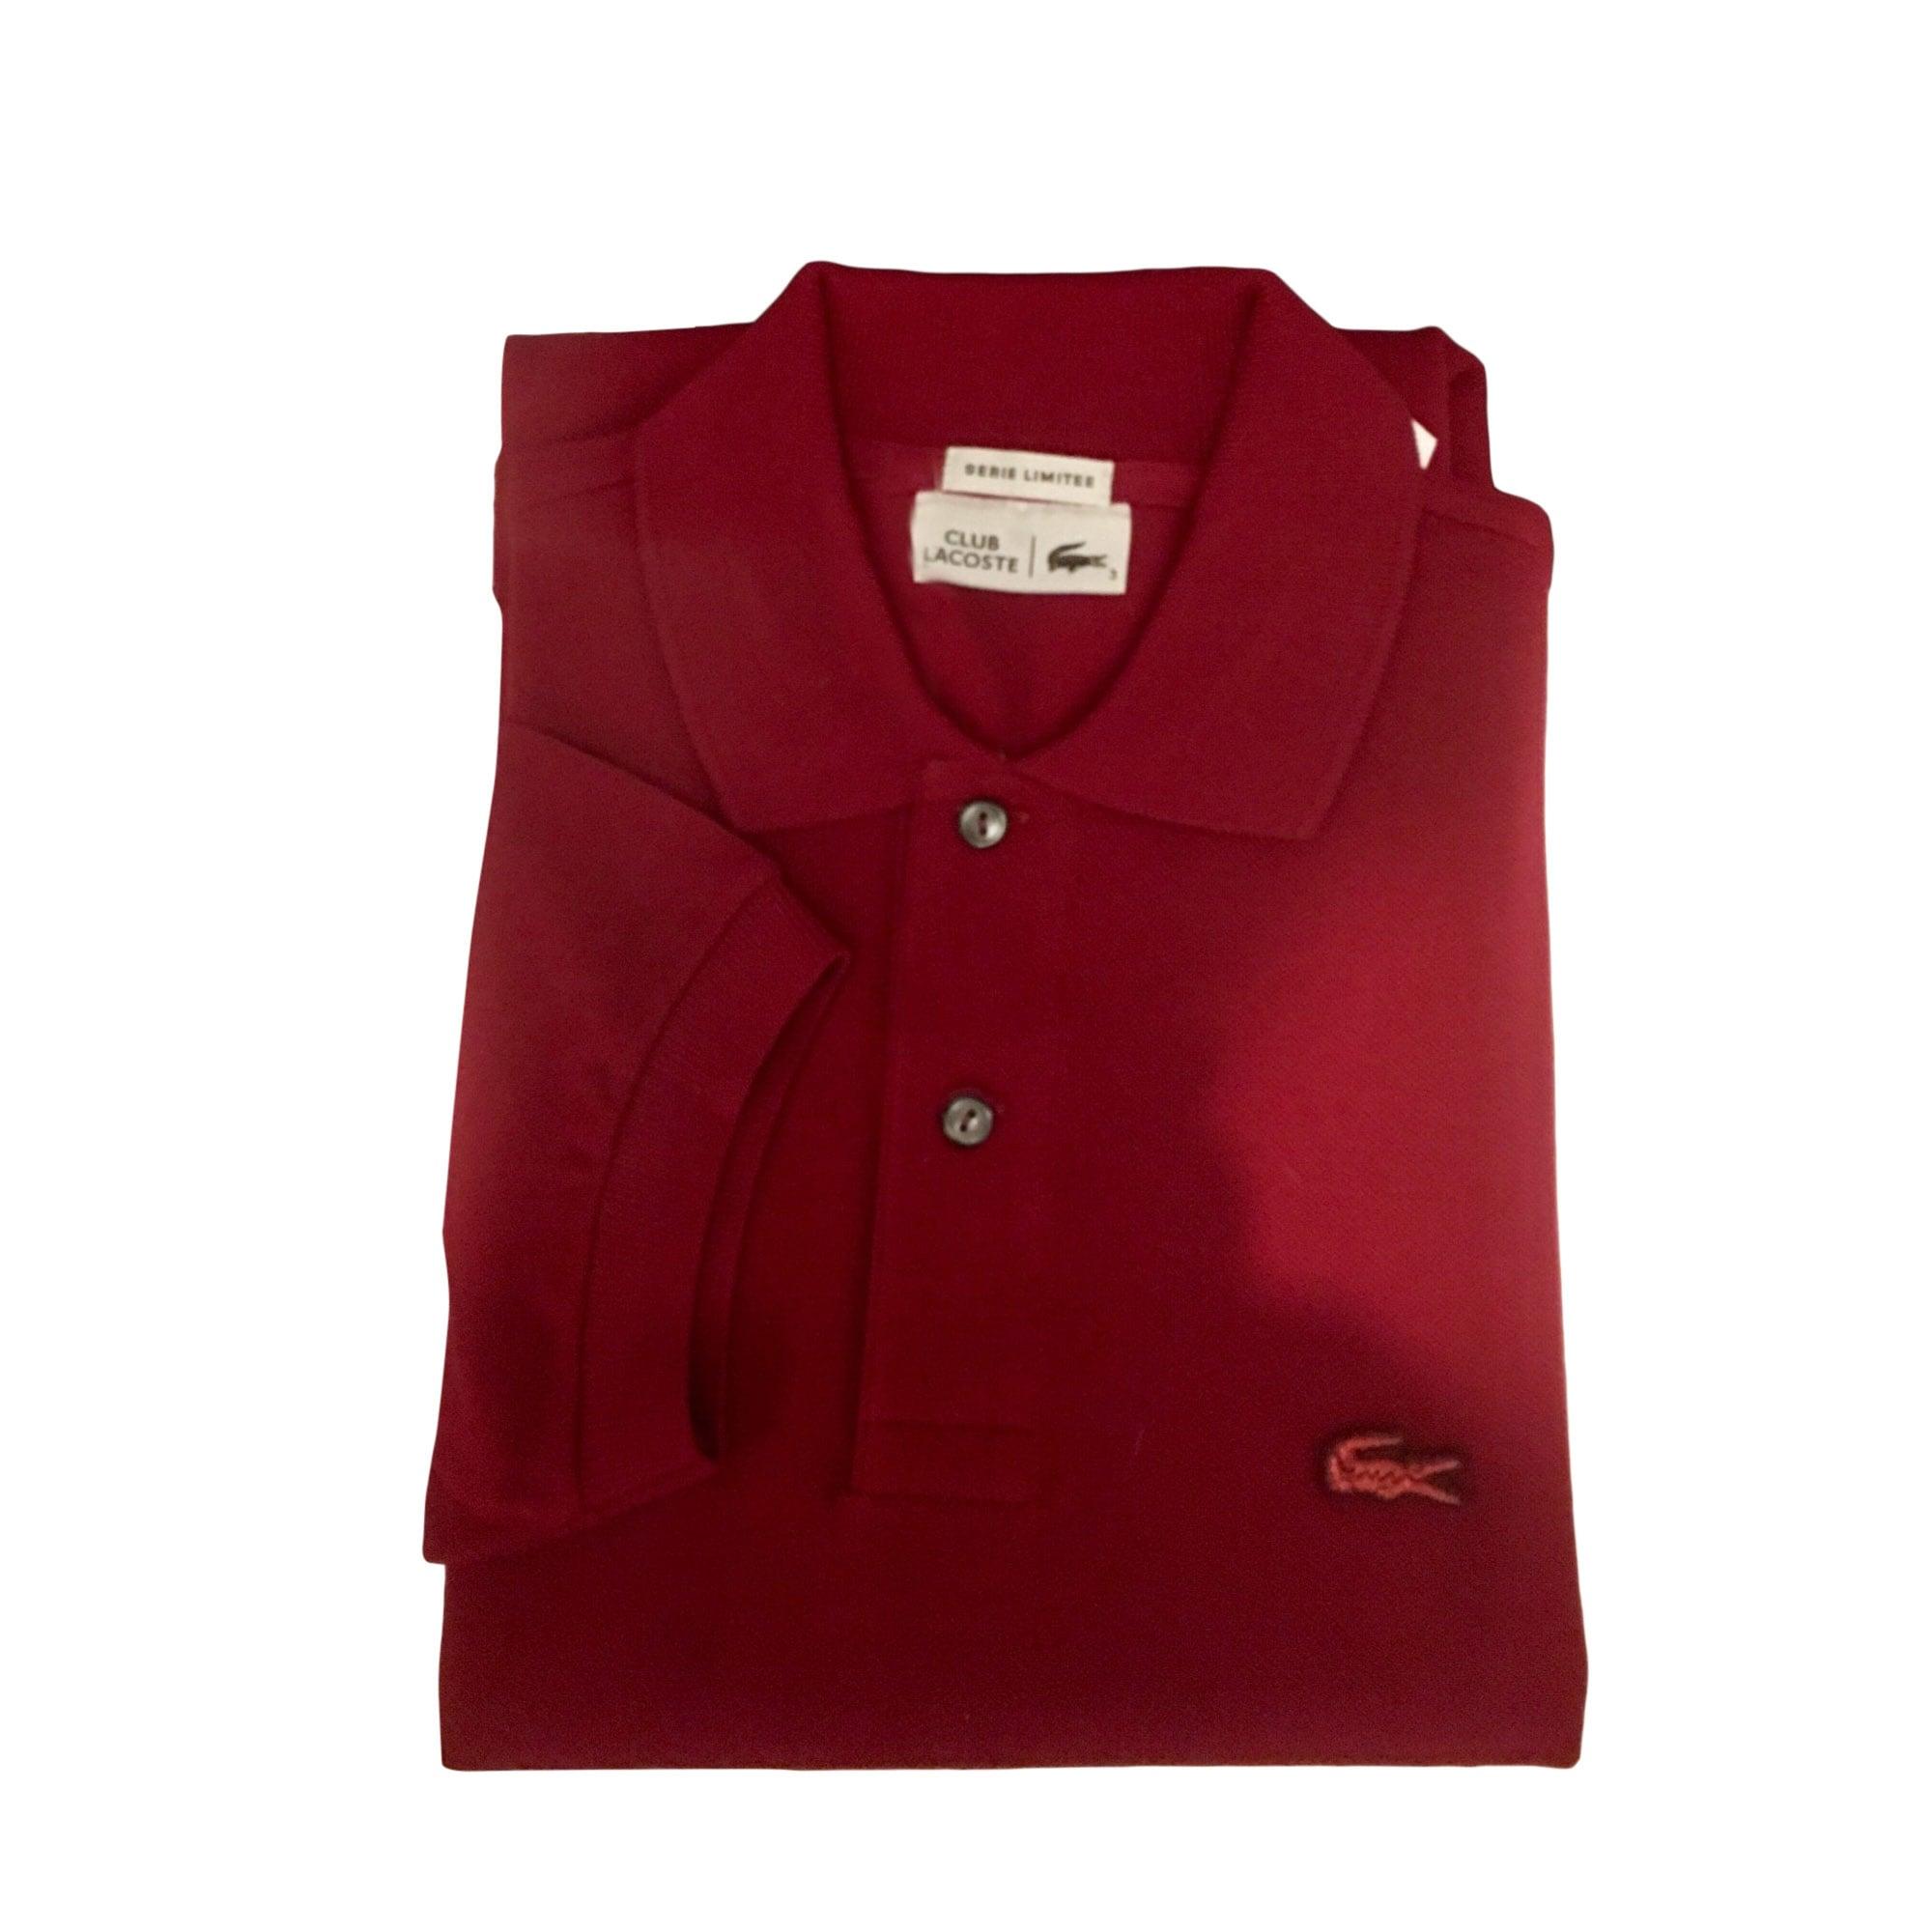 c1078f9050 Polo LACOSTE 2 (M) rouge vendu par V34545 - 7707100